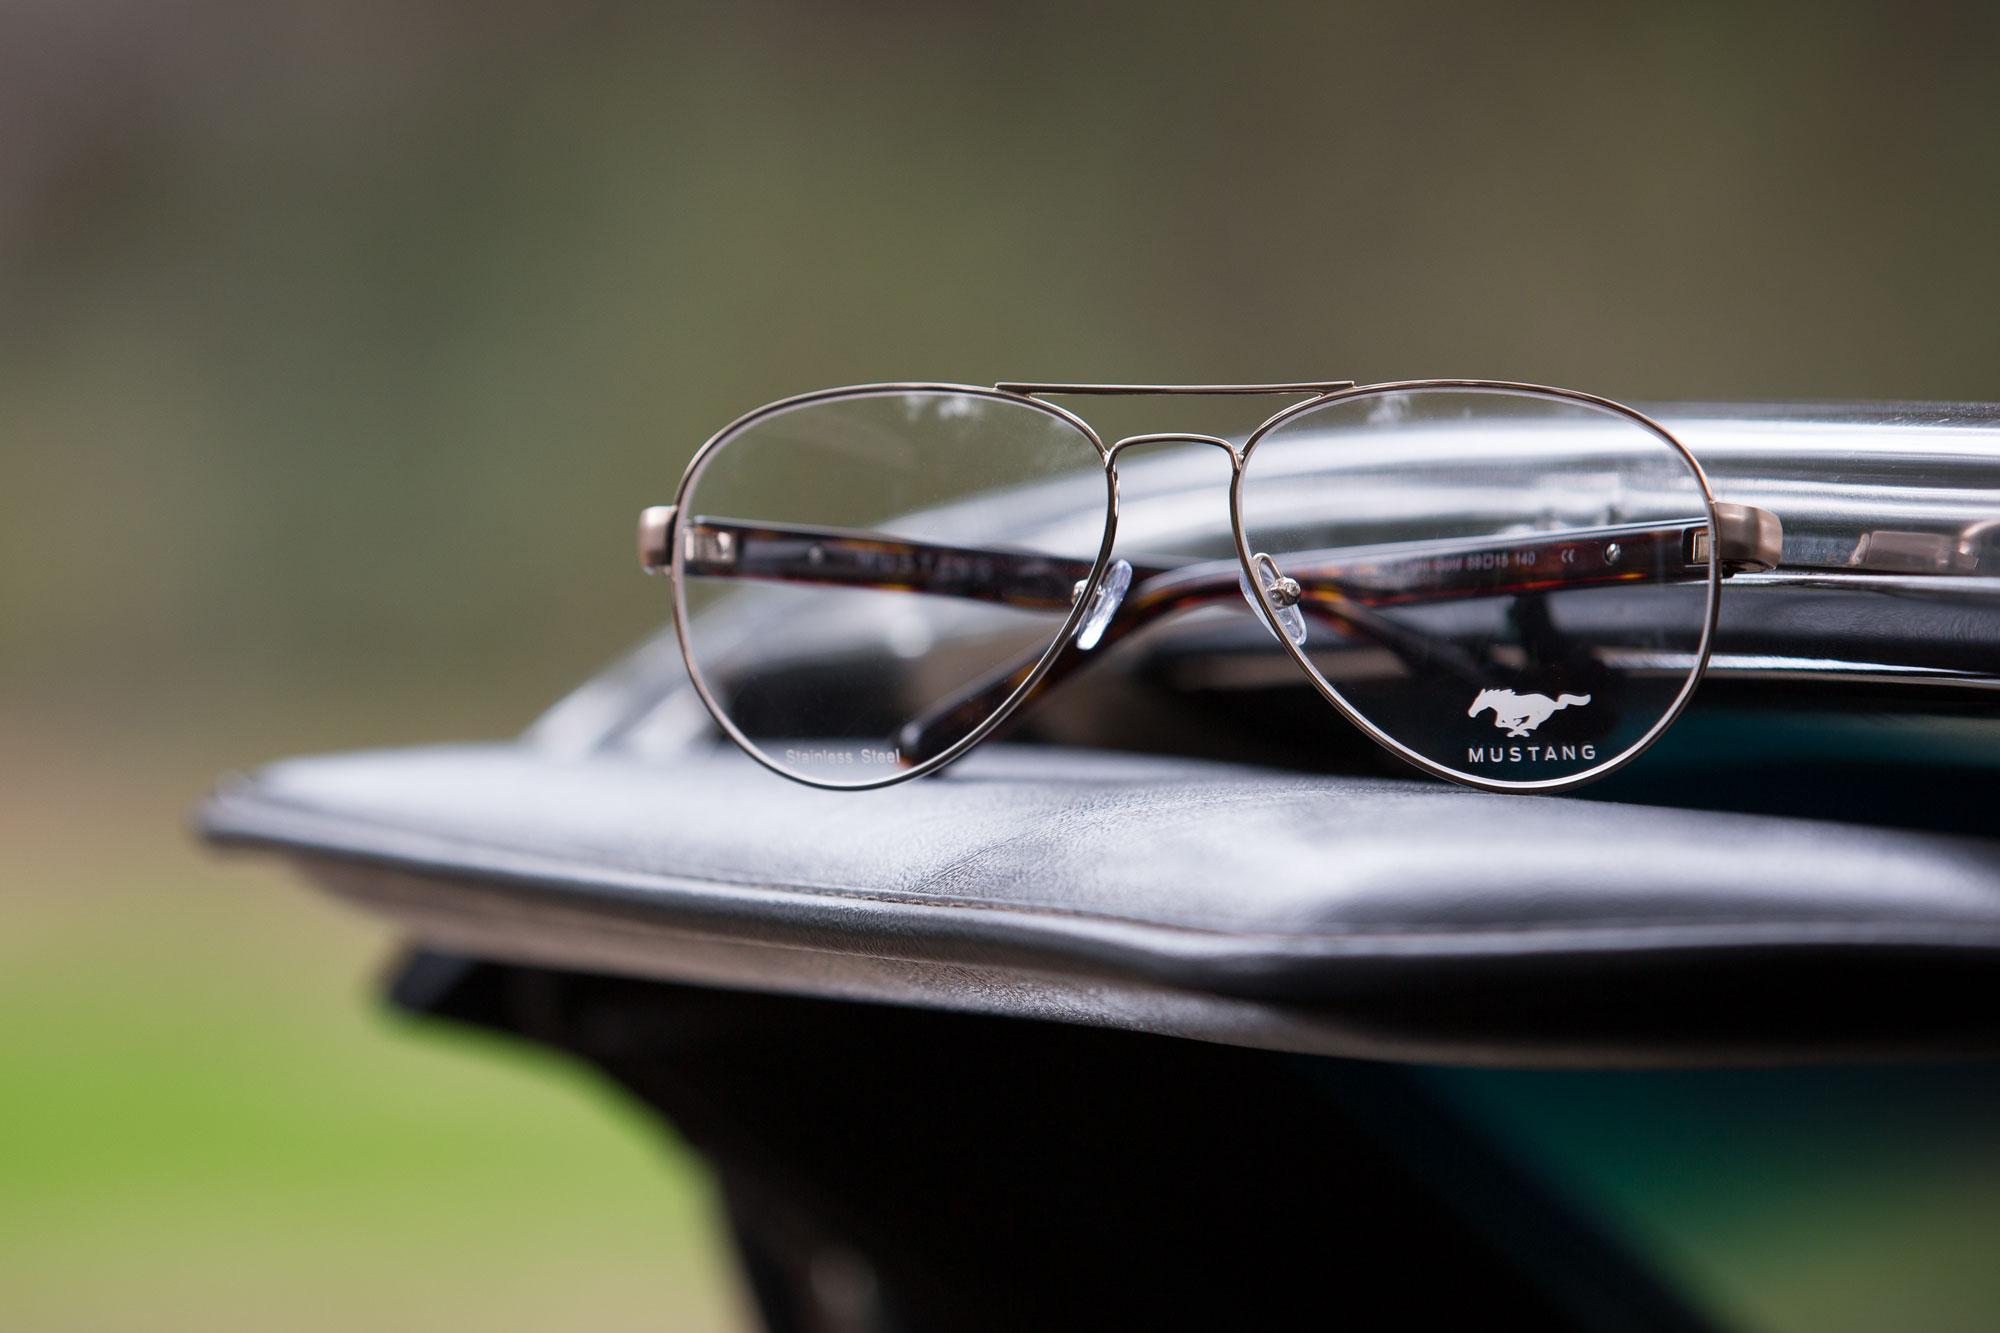 Ford Mustang Sunglasses Les Baux De Provence